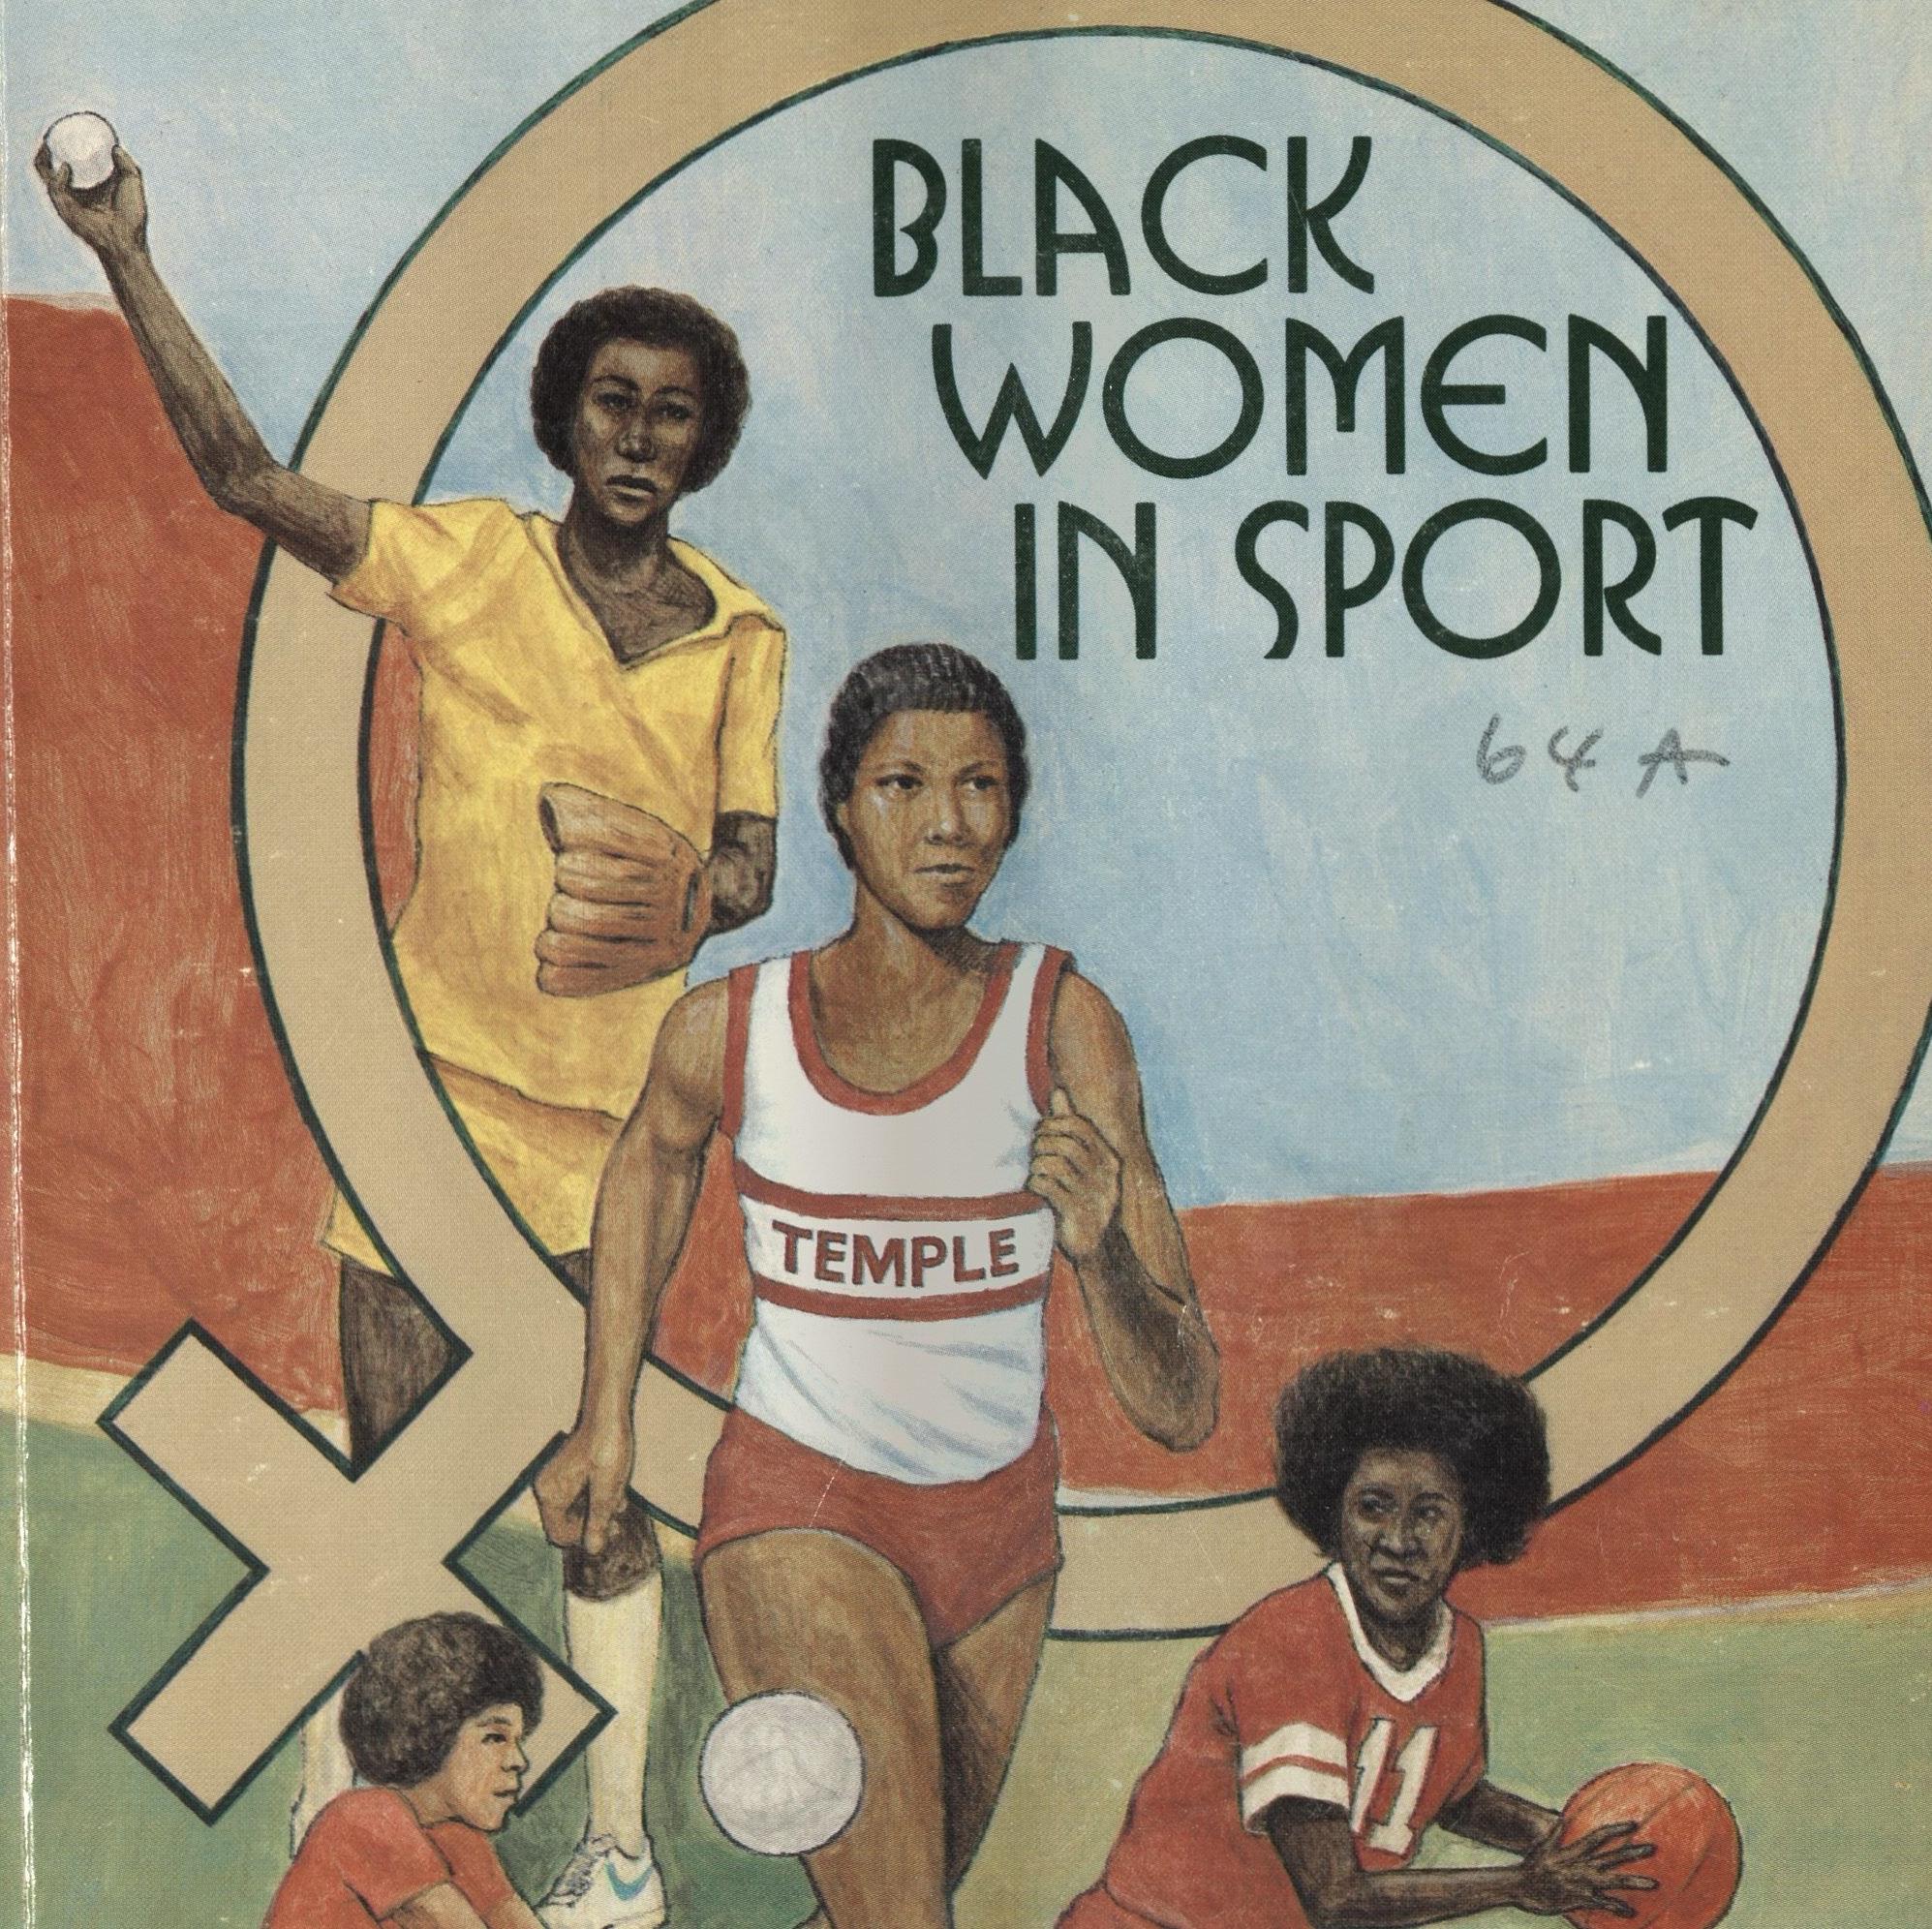 Black Women in Sport